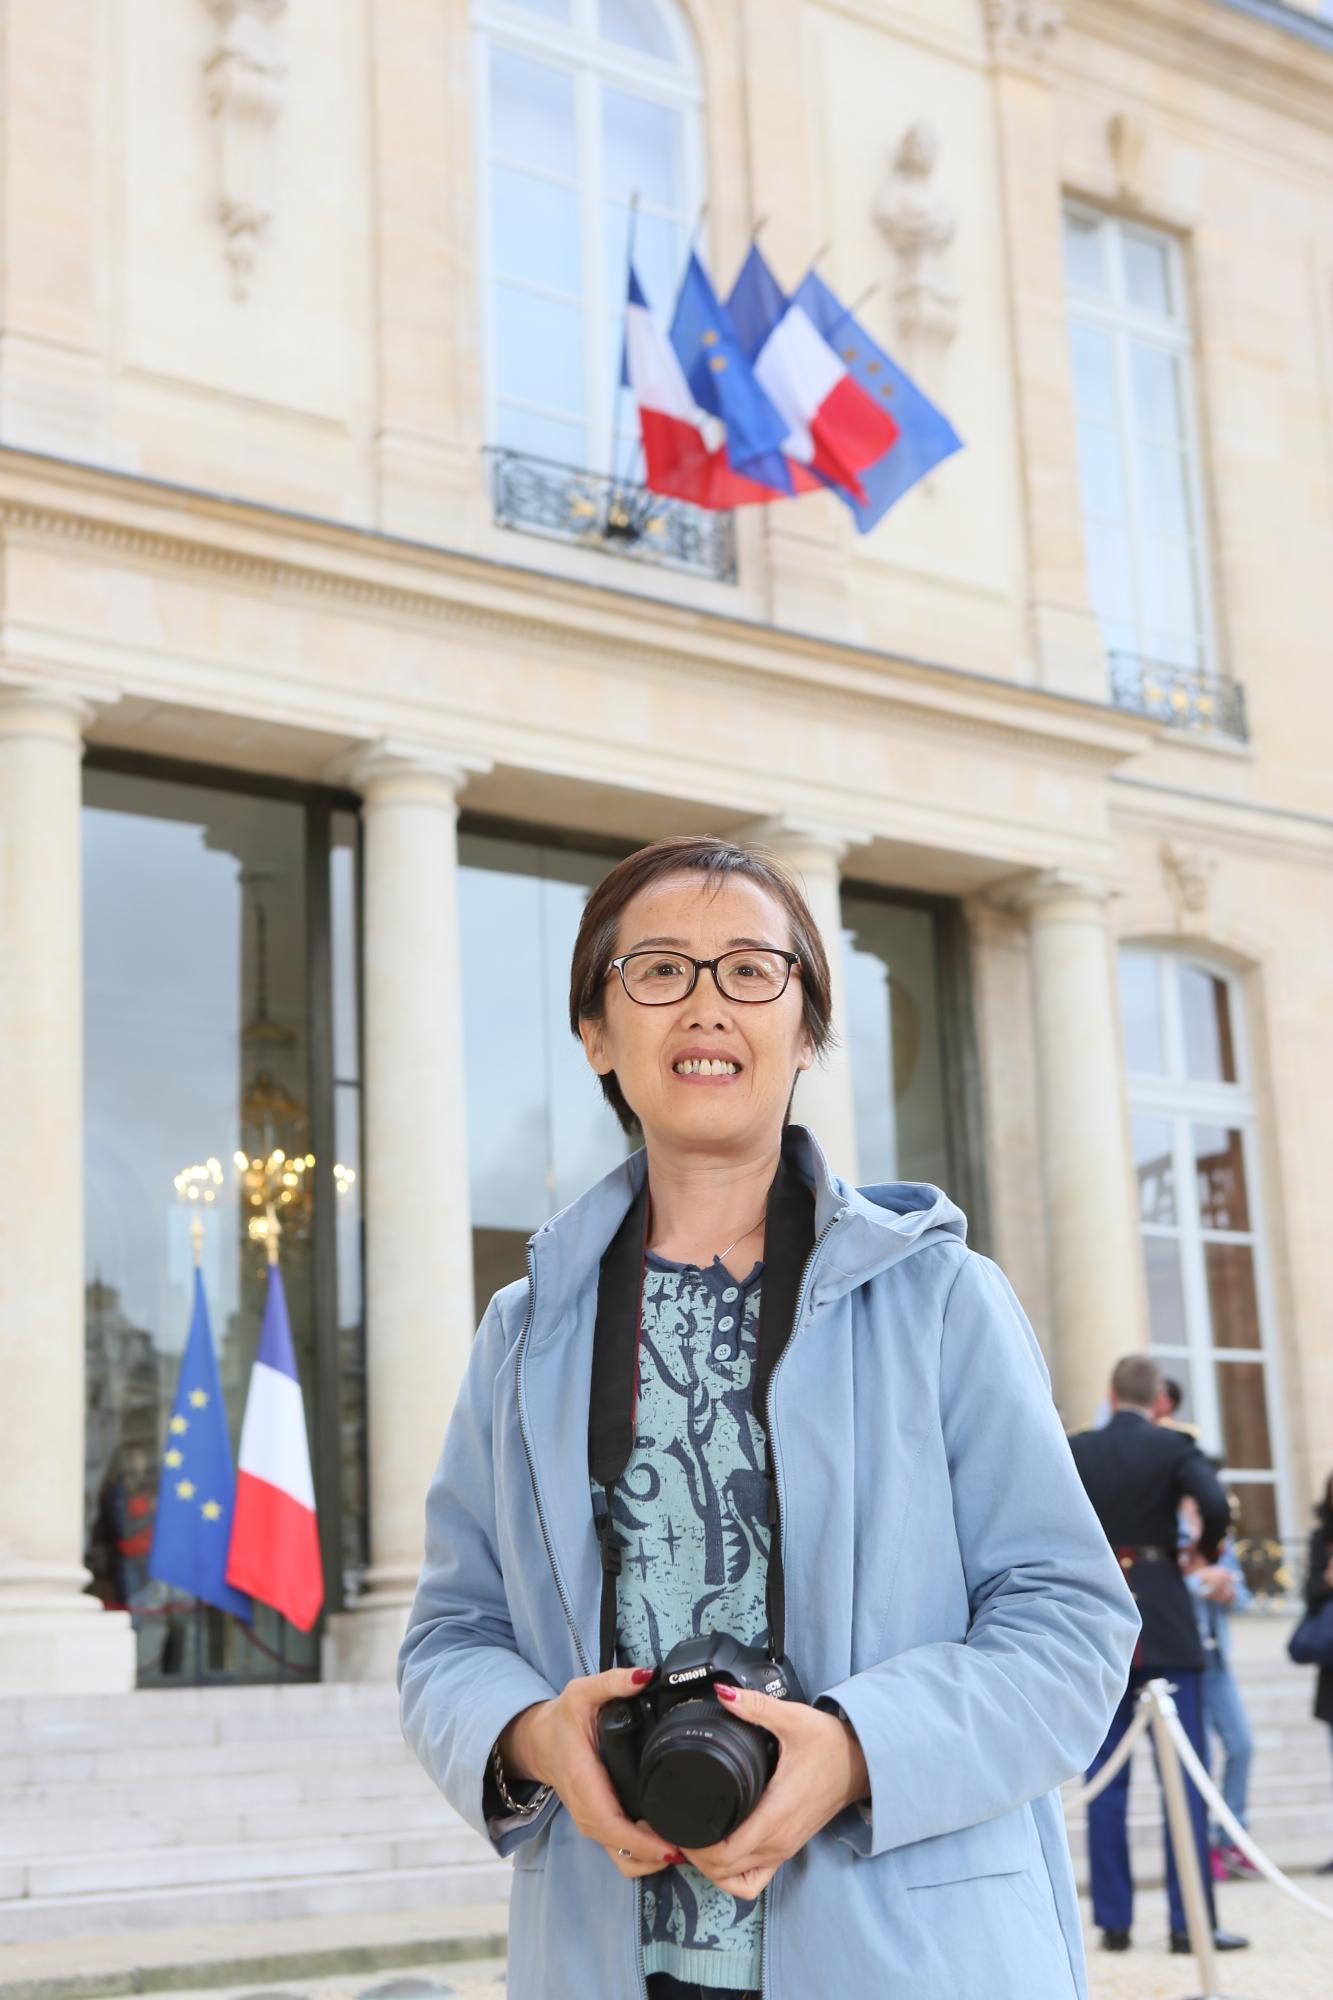 丈量巴黎,聆听巴黎文化大使的讲解,让你换一种方式打开巴黎之宫瑞华老师